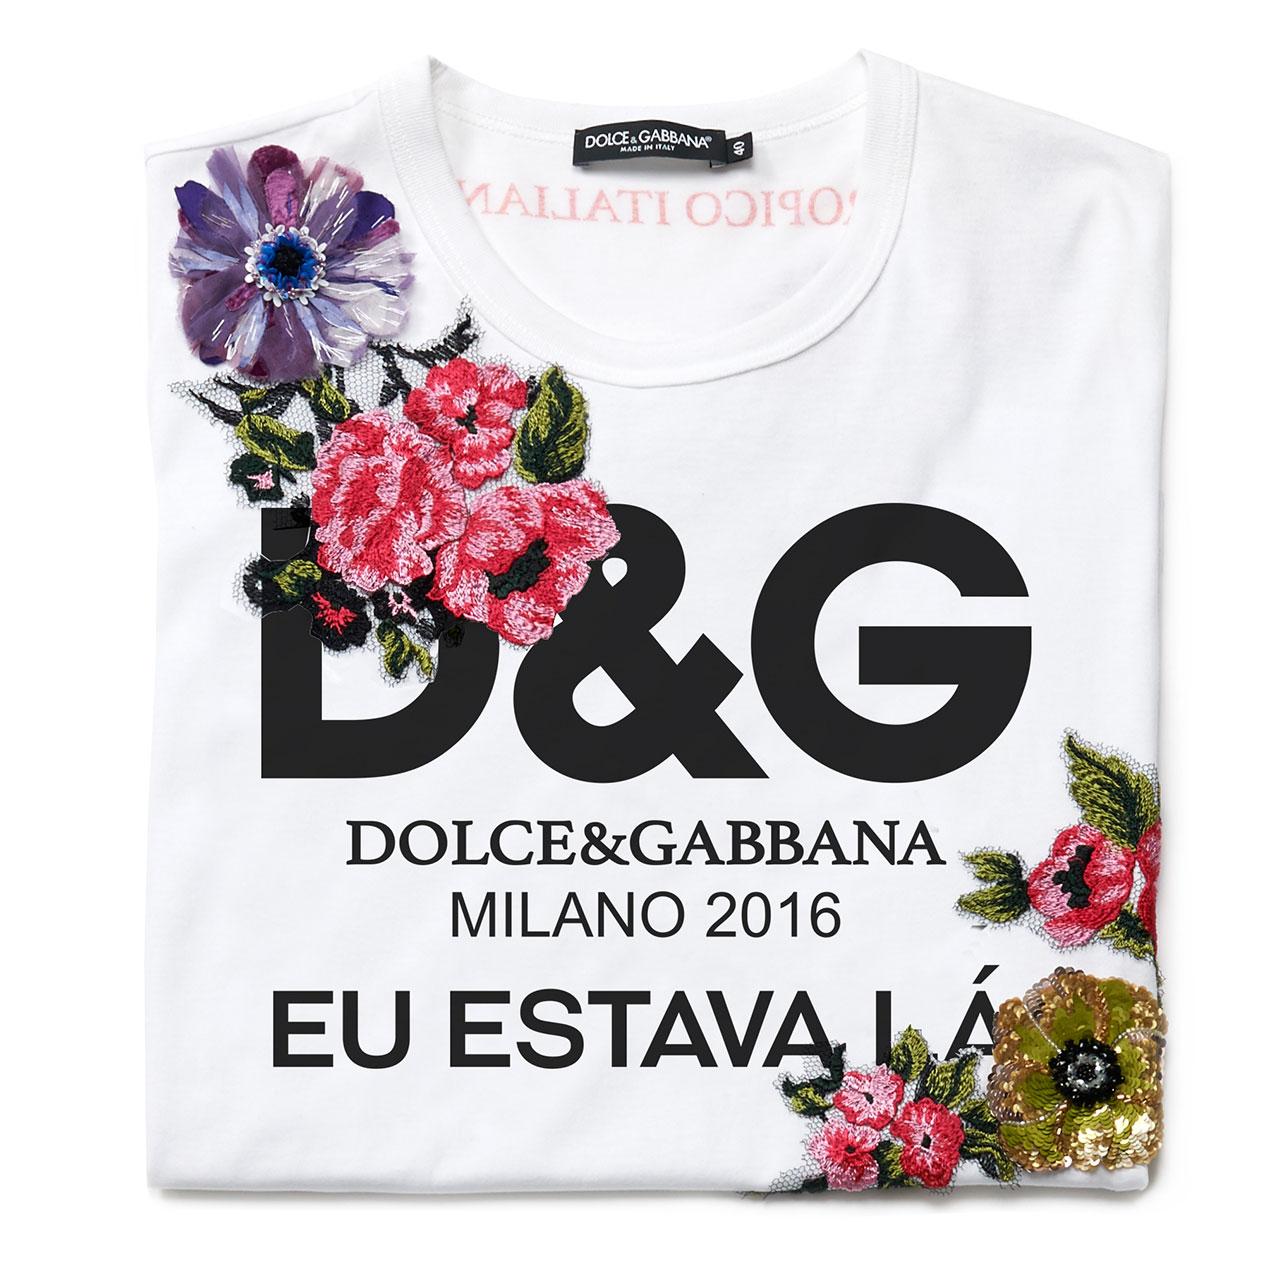 DG_image7